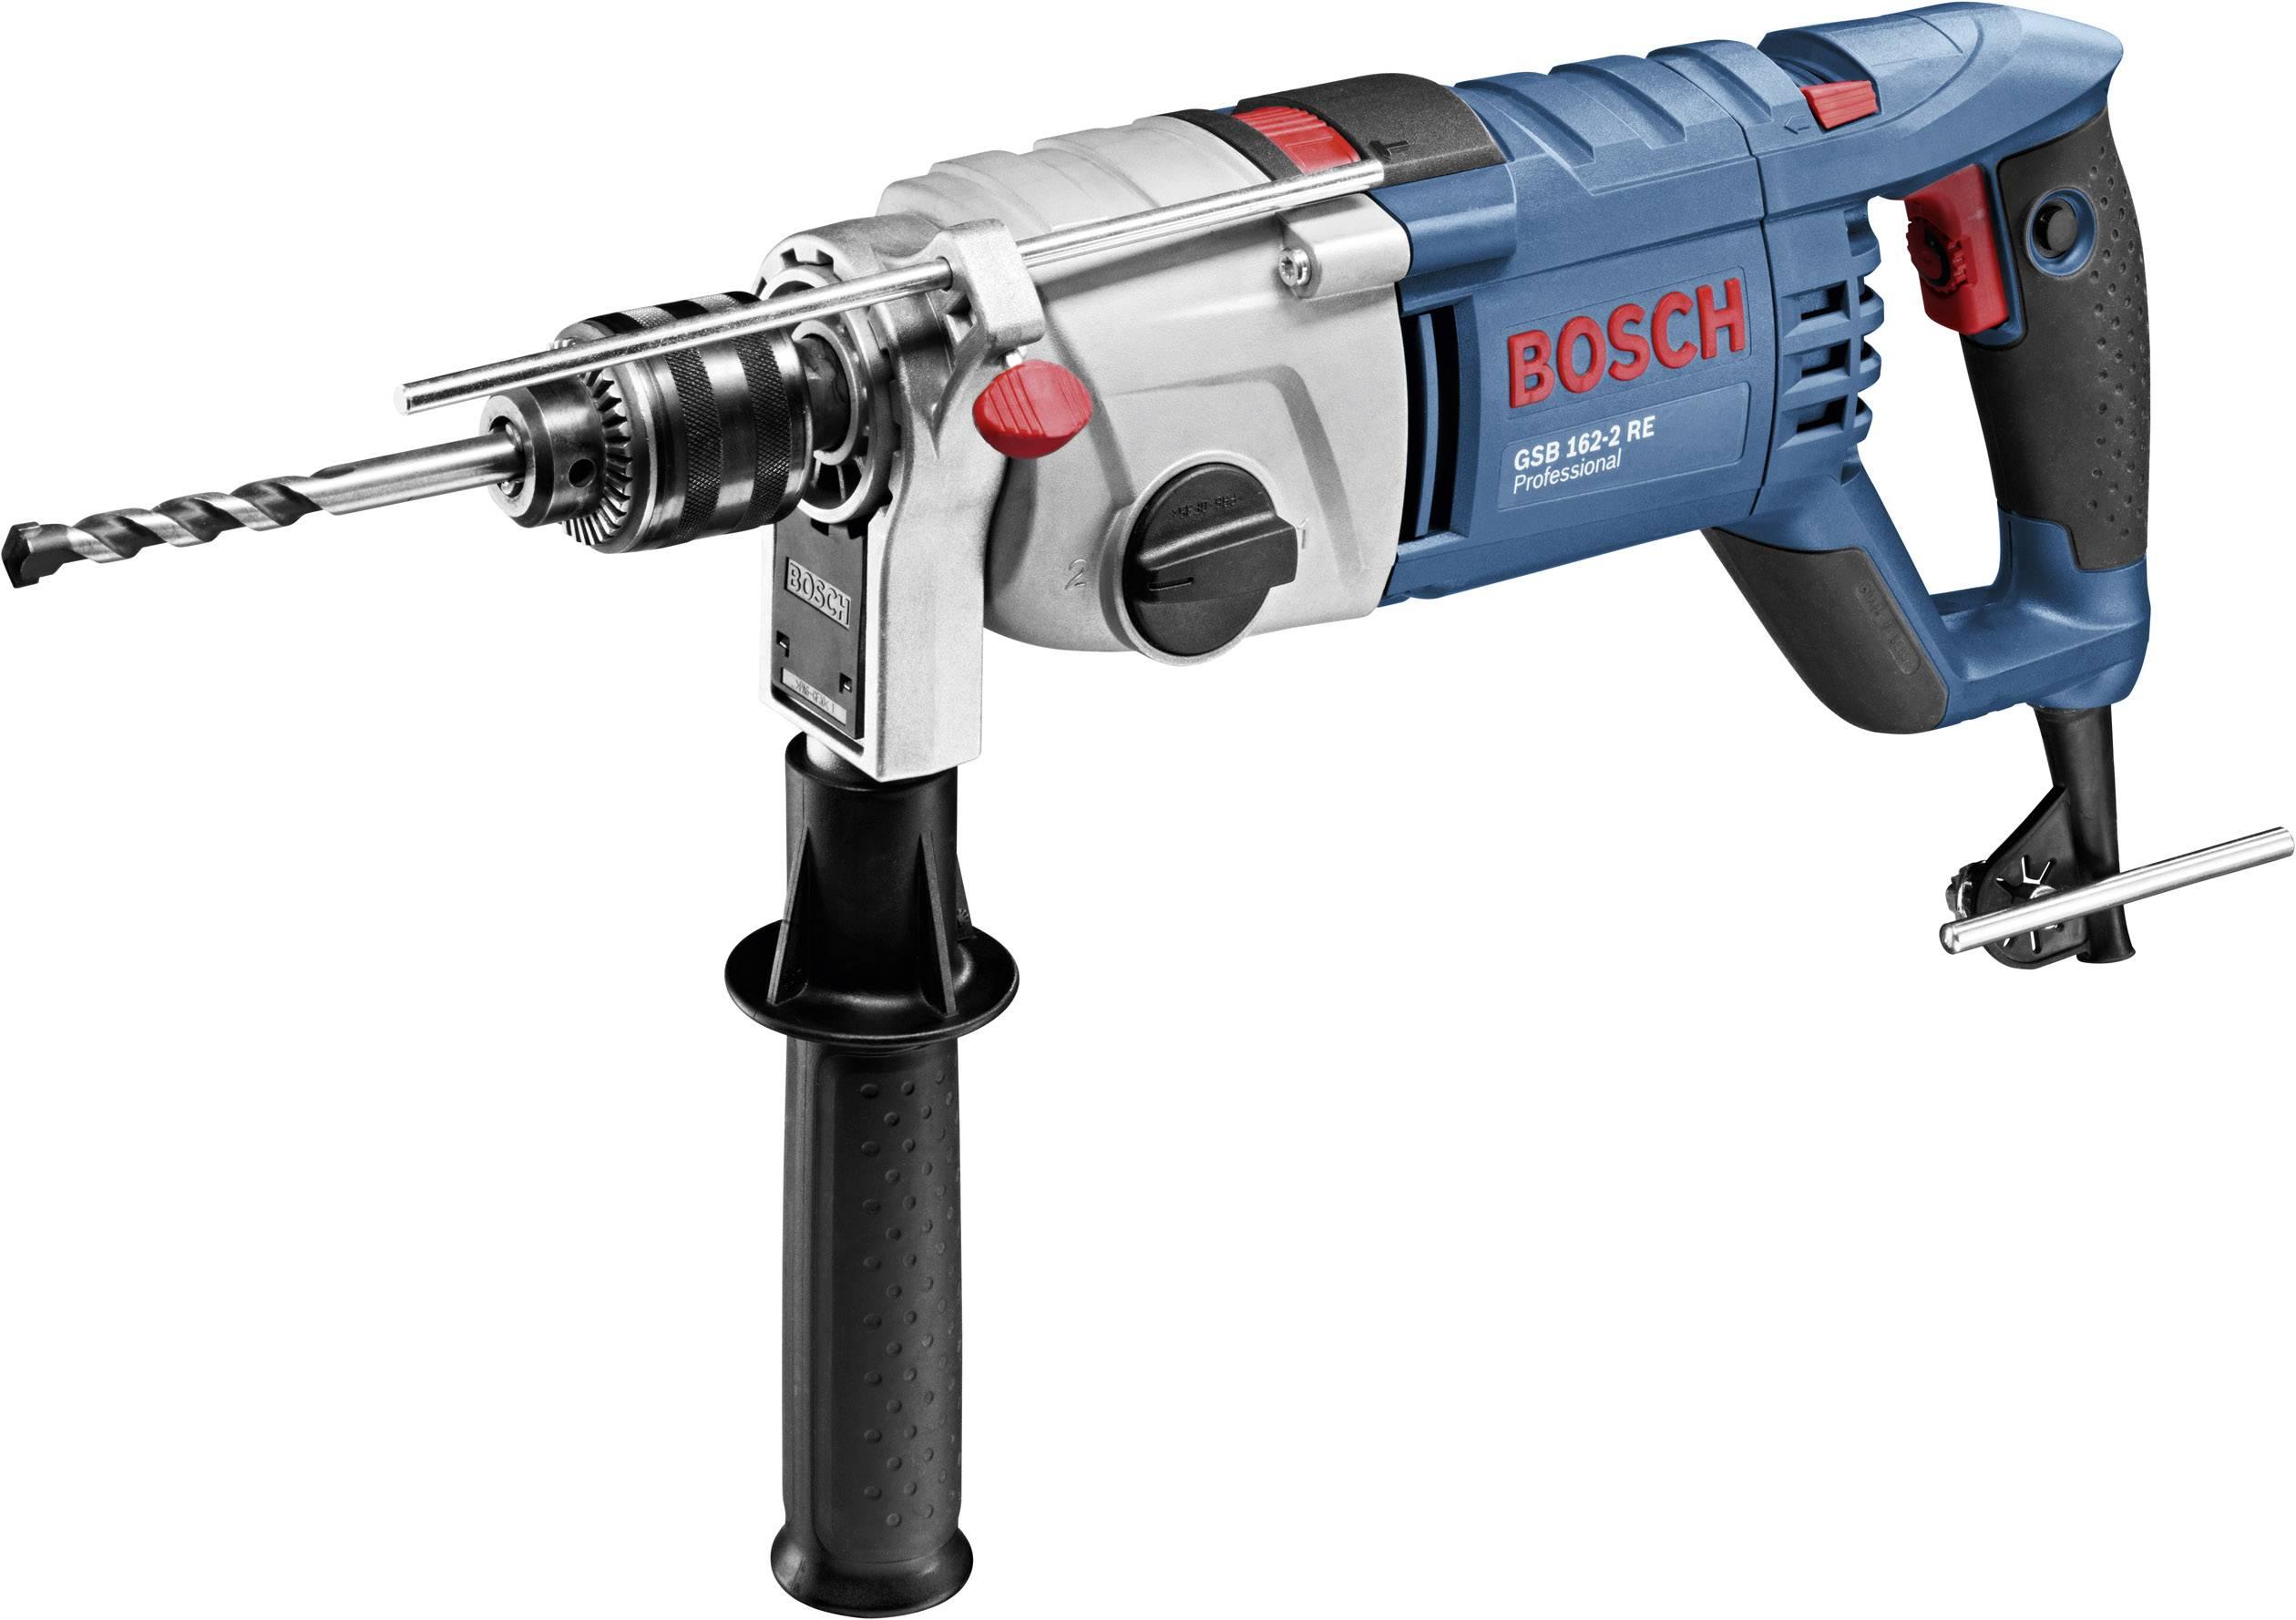 Bosch Professional GSB 162-2 RE 1cestný-příklepová vrtačka 1500 W kufřík